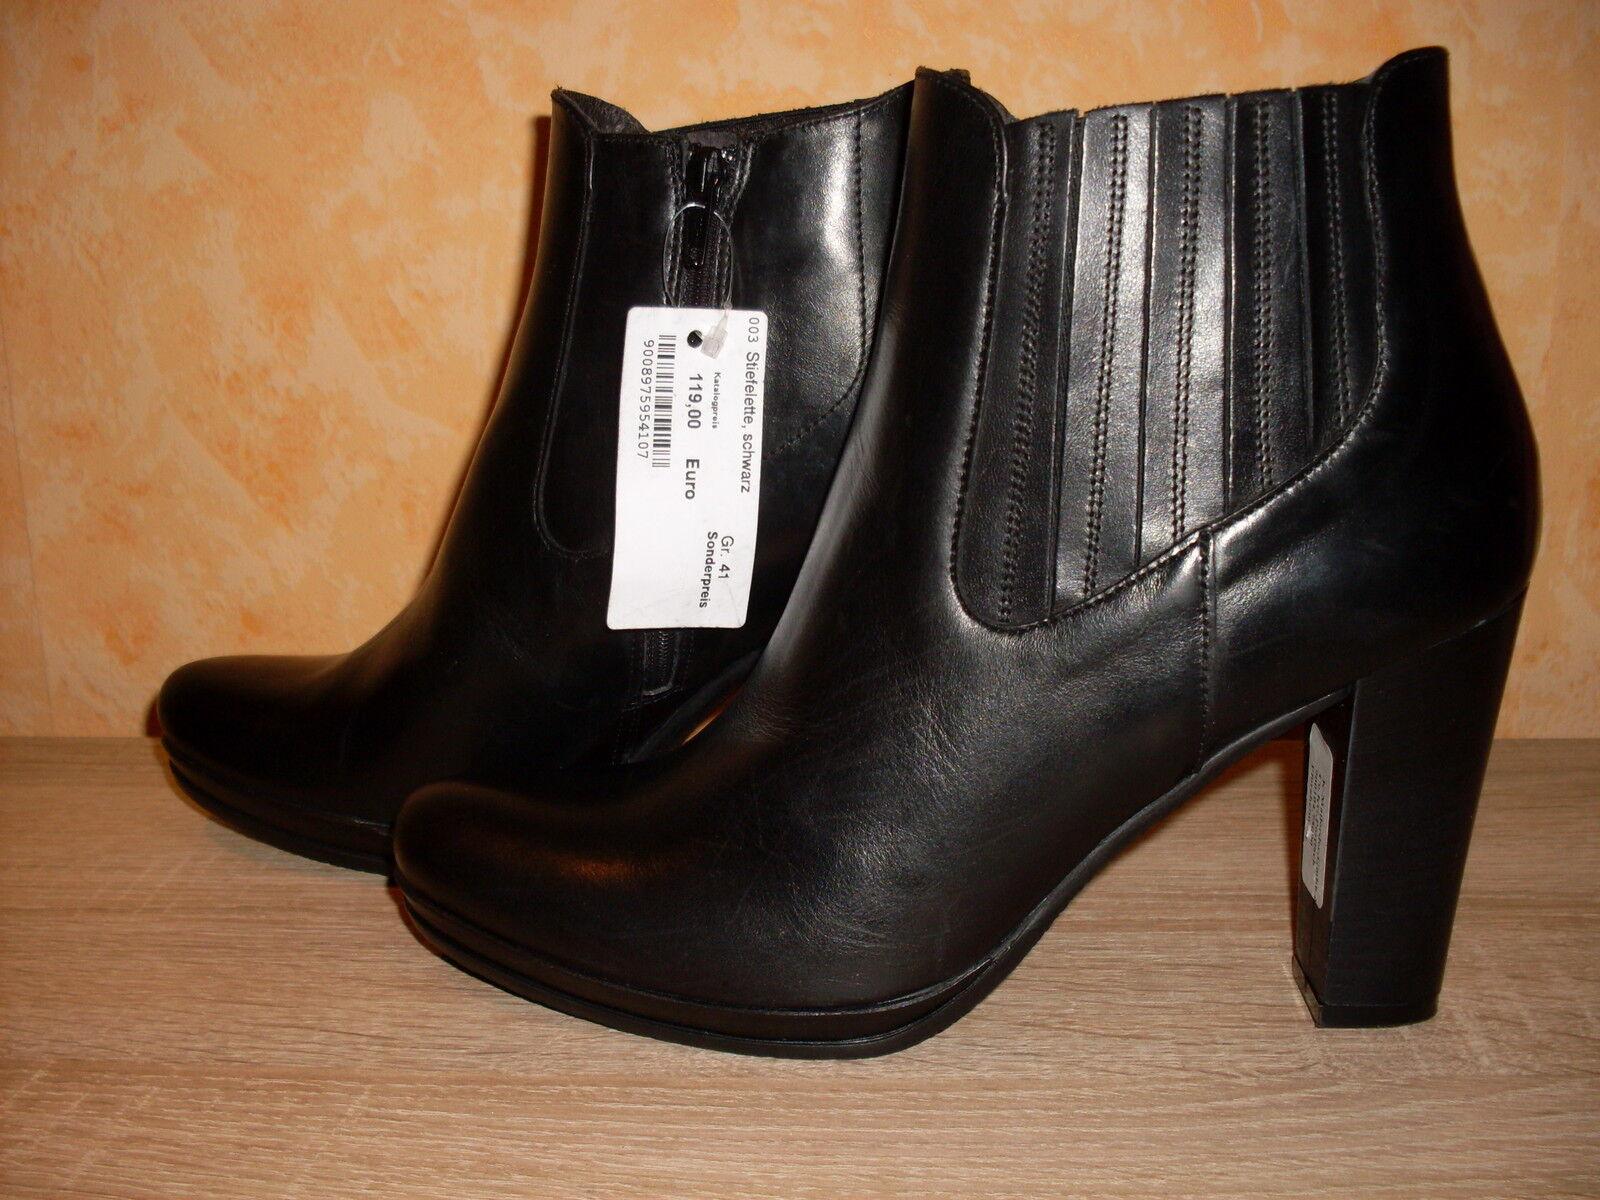 Zapatos especiales con descuento Studio W Stiefelette NEU Gr. 41 in schwarz & Nappaleder schlicht & hoch ansehen